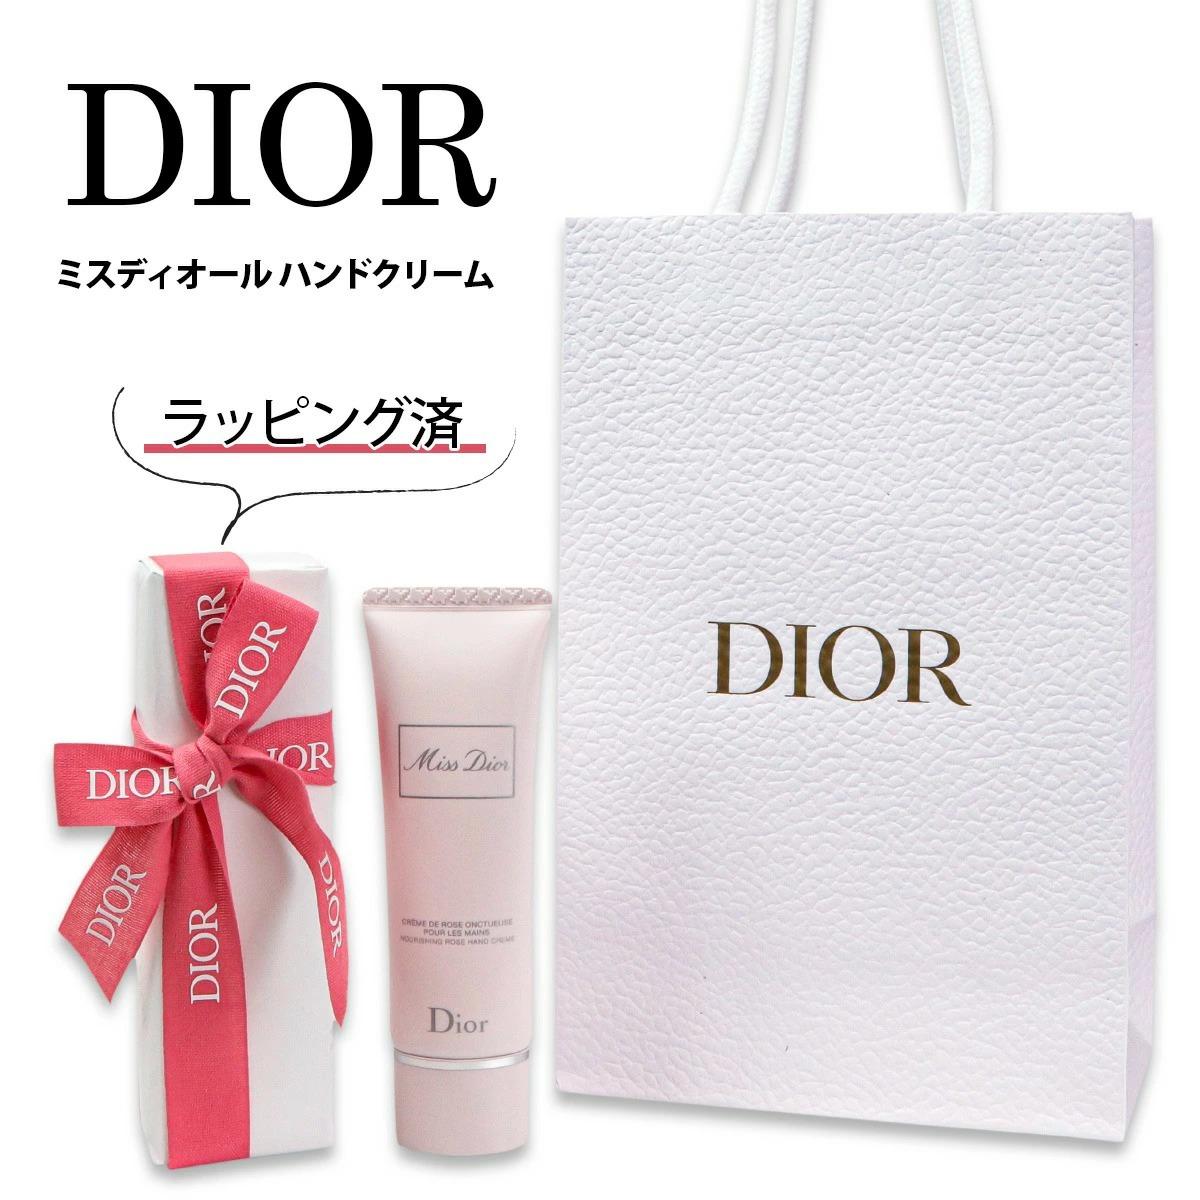 ディオール Dior ミス ディオール ハンド クリーム 50ml【クリスチャンディオール Christian Dior ハンドクリーム ギフト プレゼント 女性 レディース いい香り チューブタイプ ブランド 正規品 セ−ル】